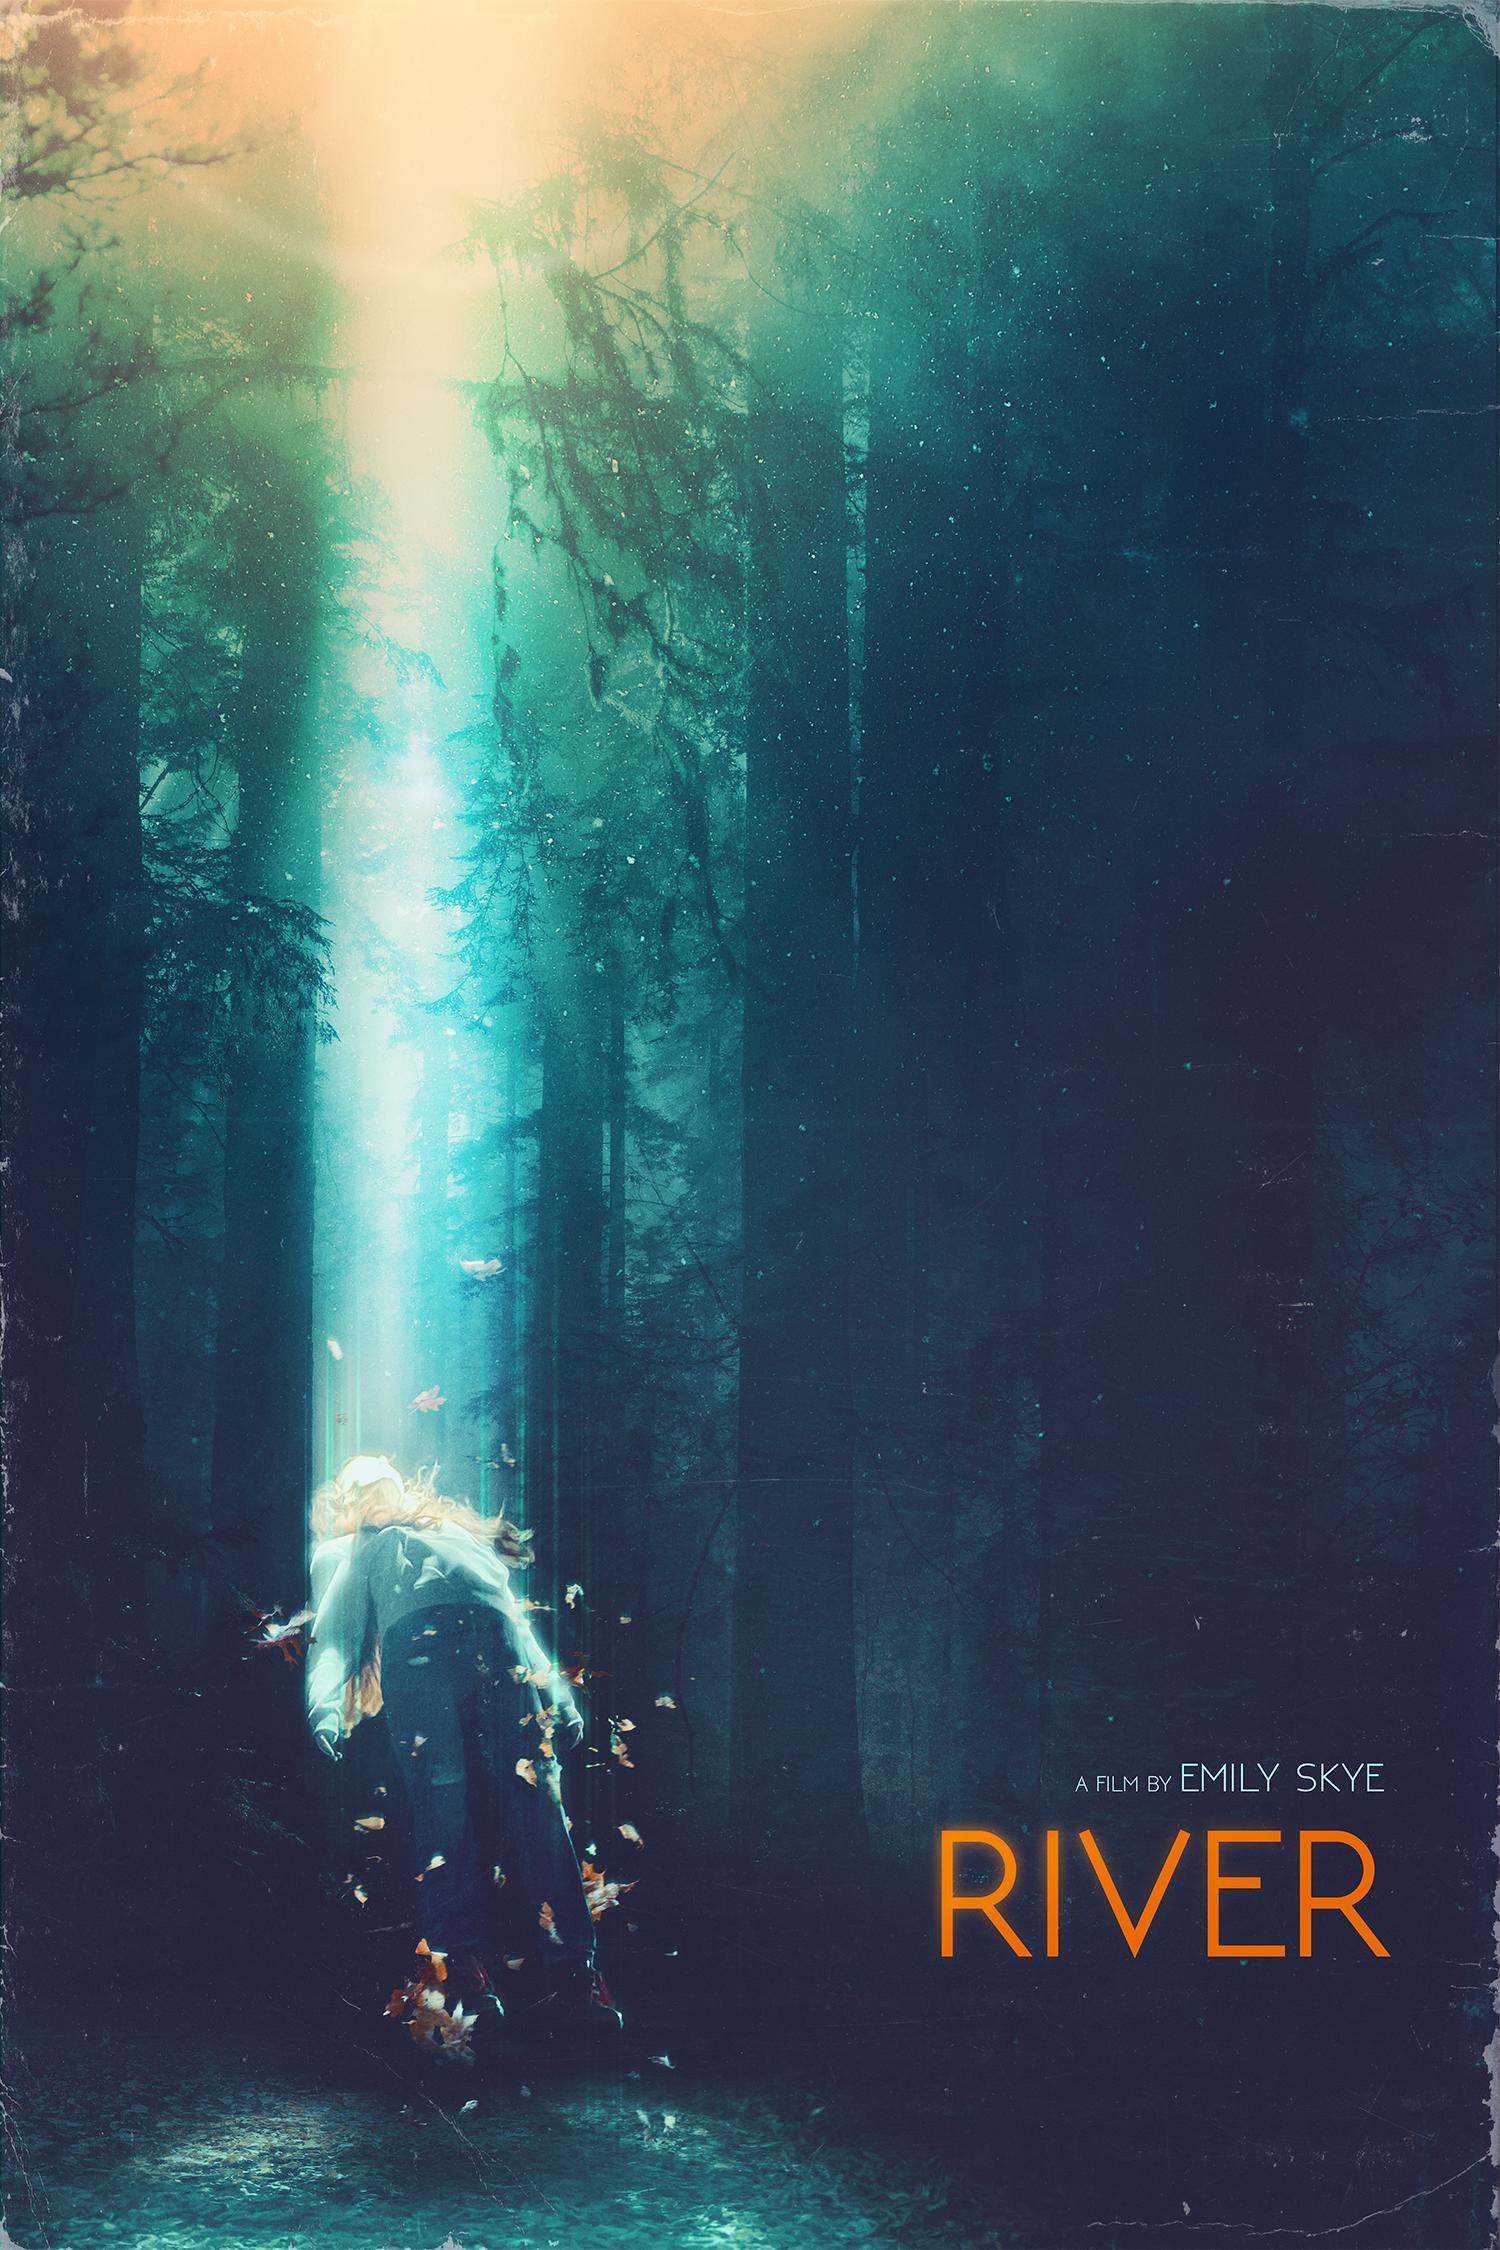 Watch Movie River (2021)